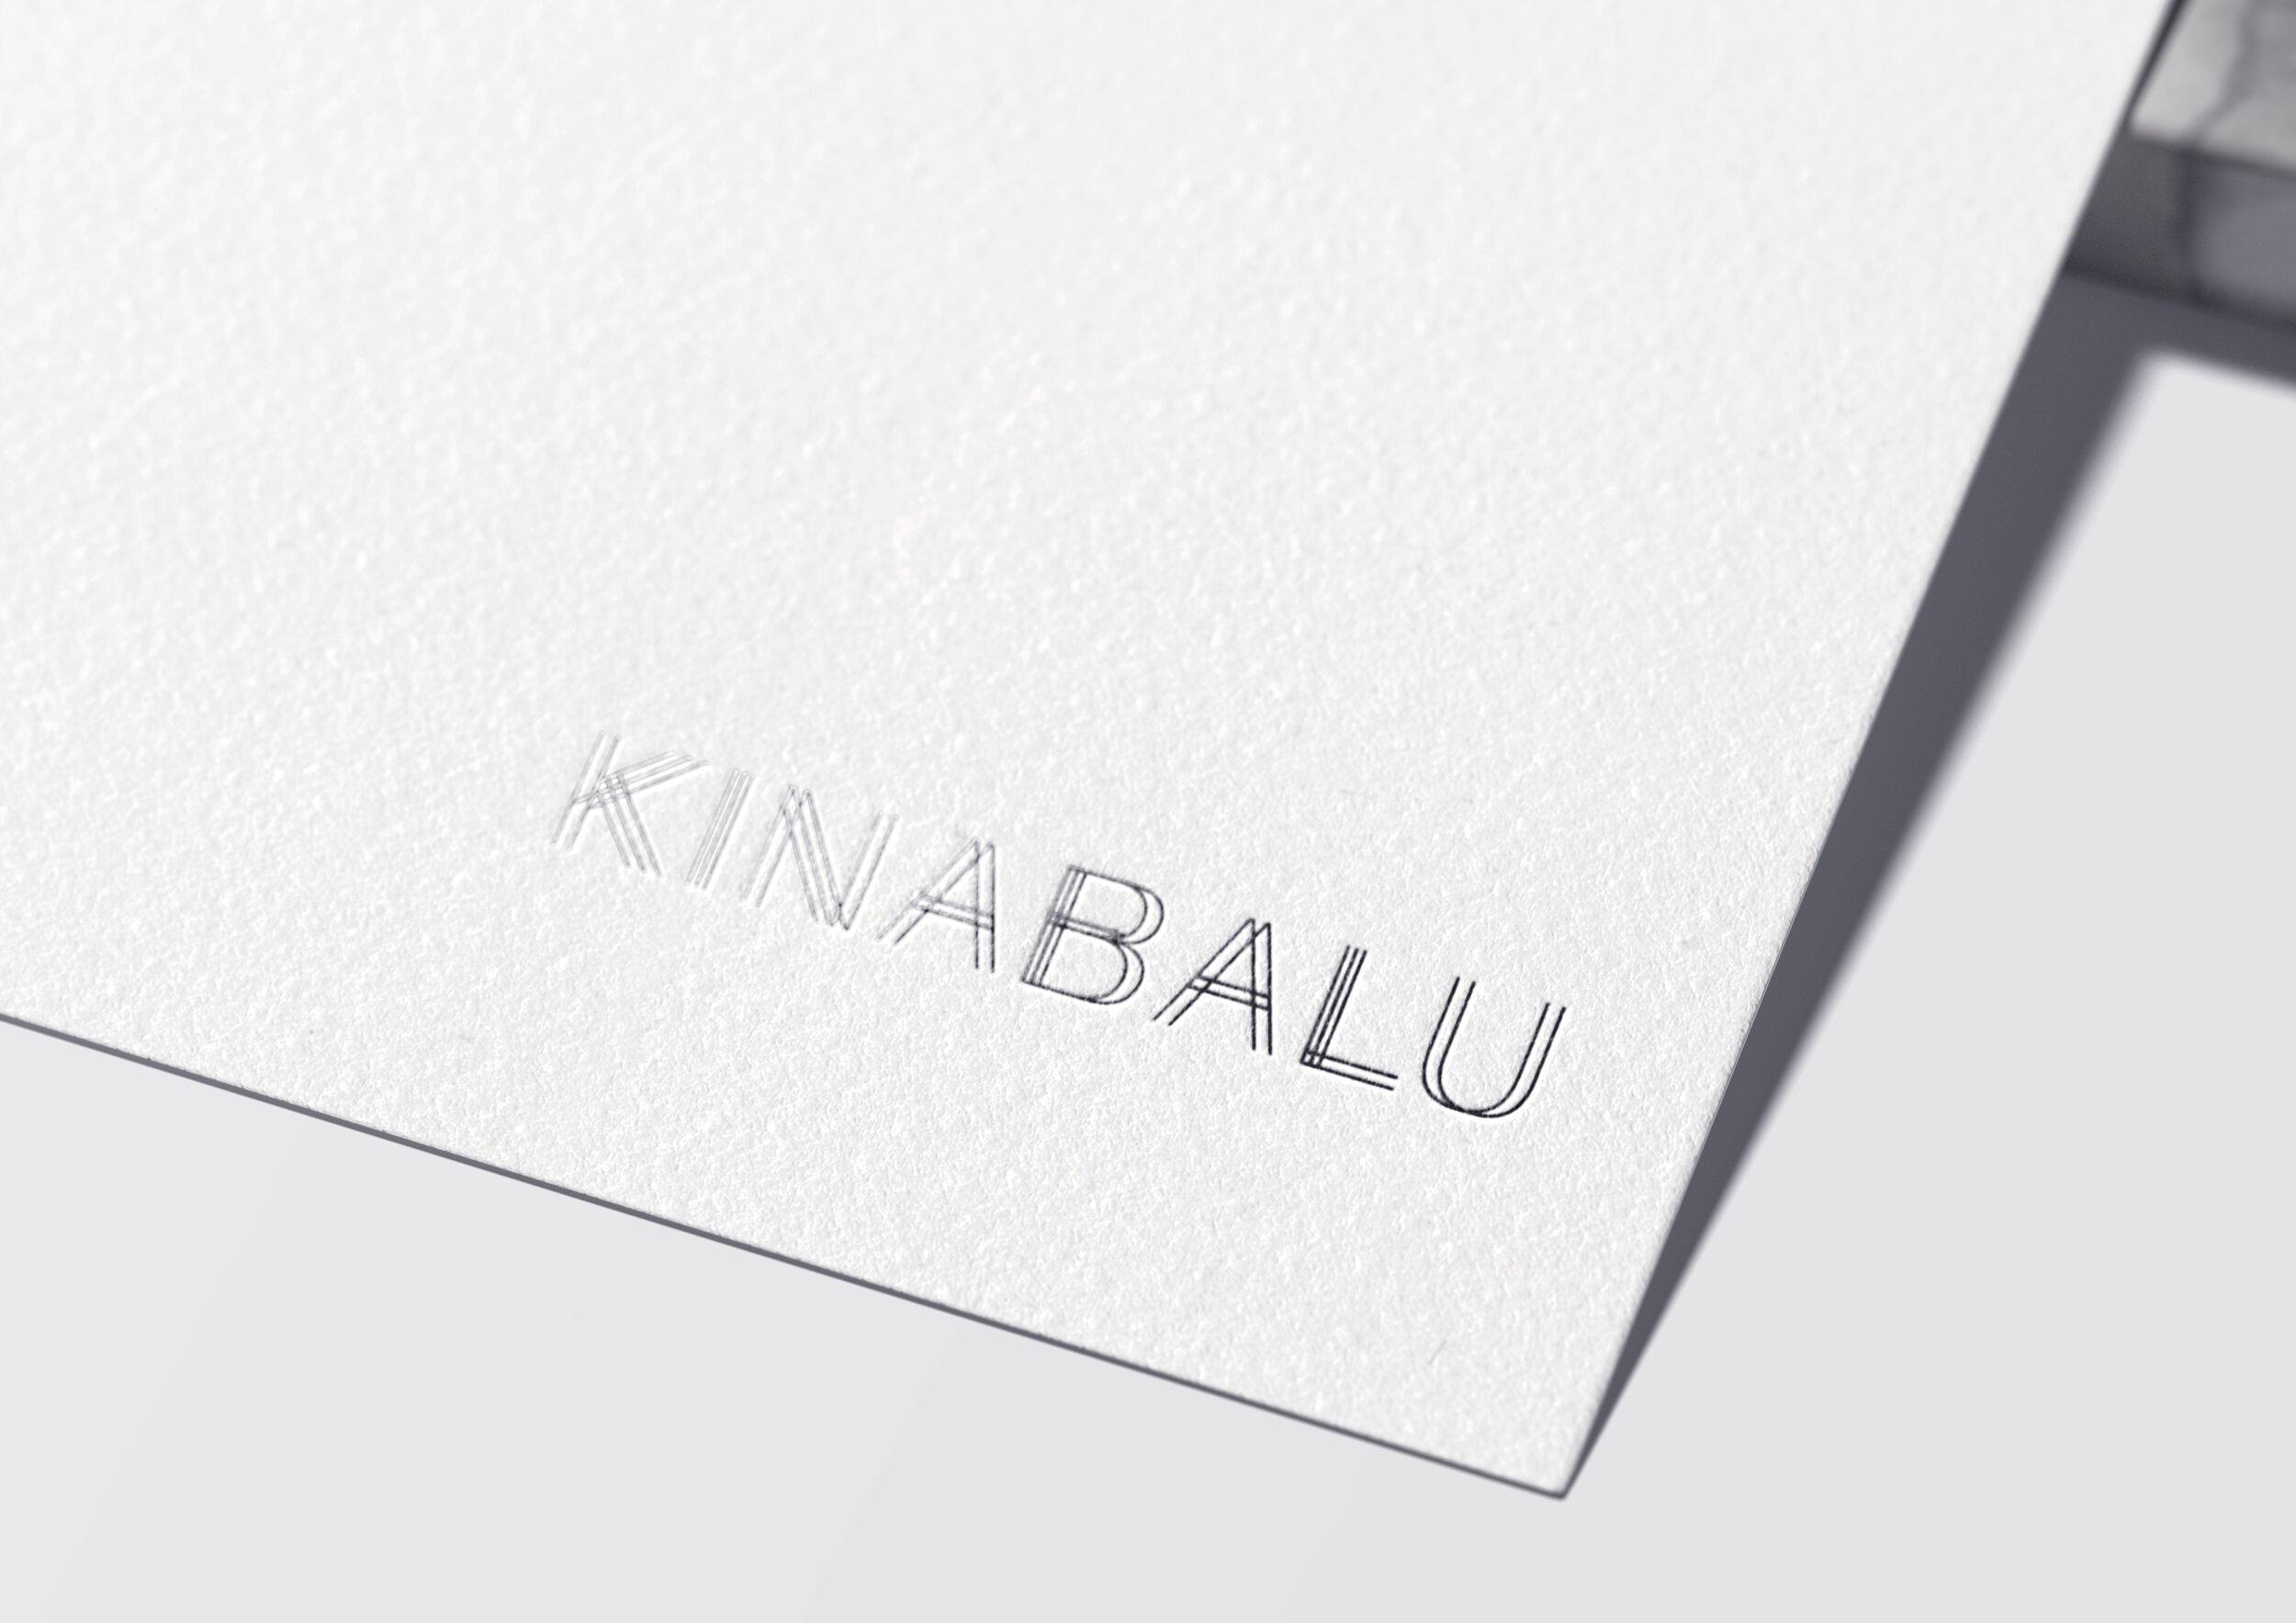 Для бренда был предложен логотип с лаконичным начертанием, которое также напоминает о том, что Kinabalu - коллекция плетеной мебели